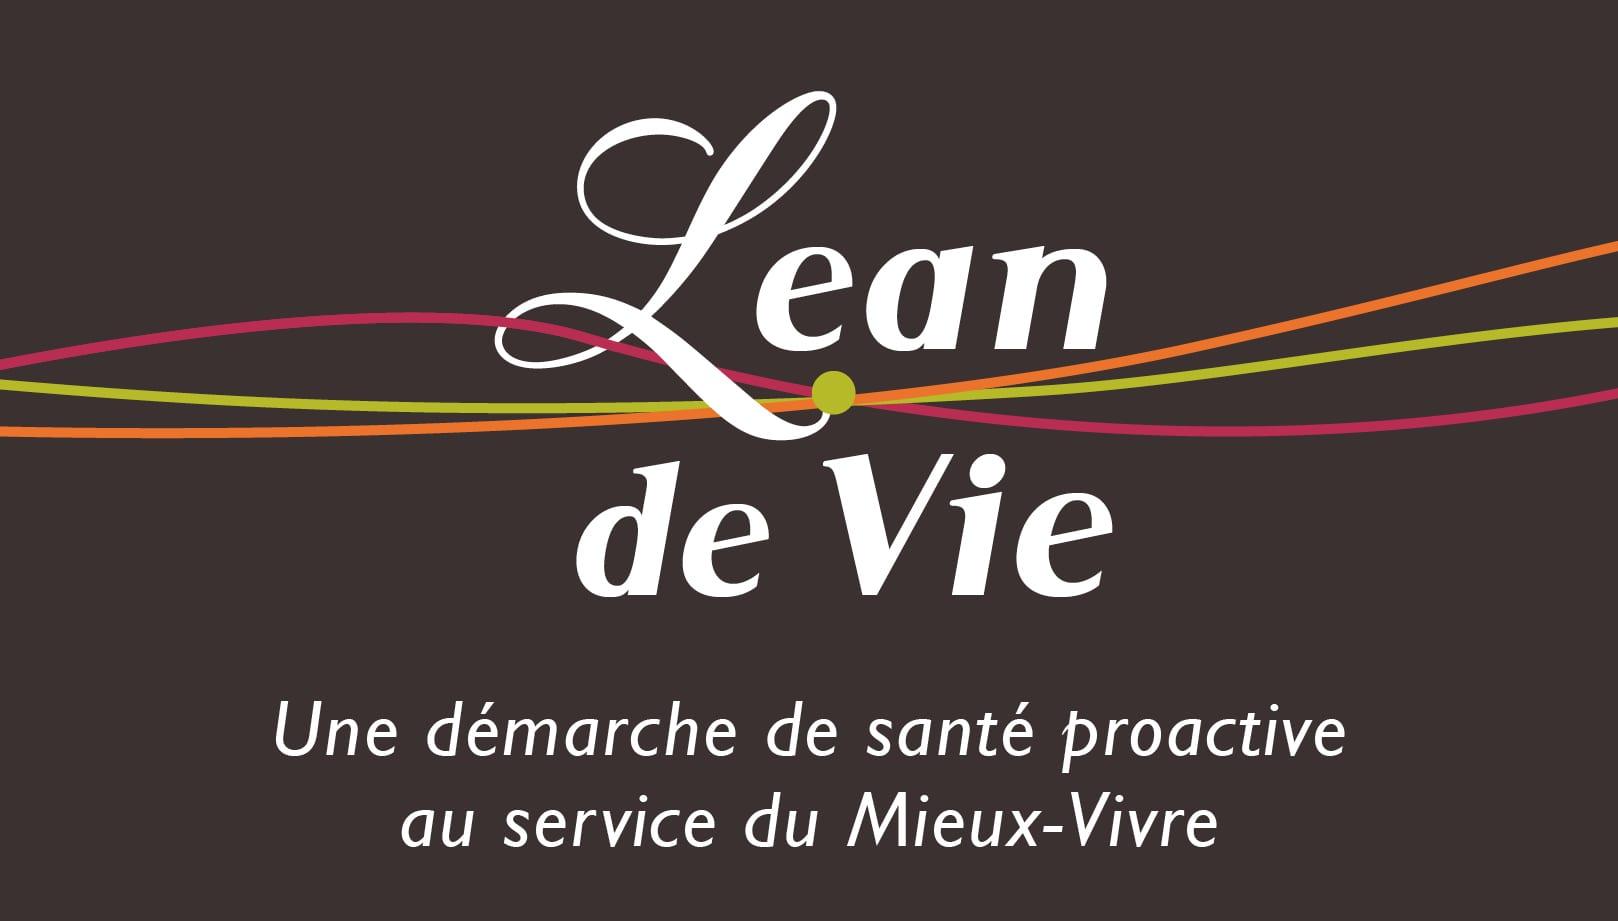 LEAN DE VIE